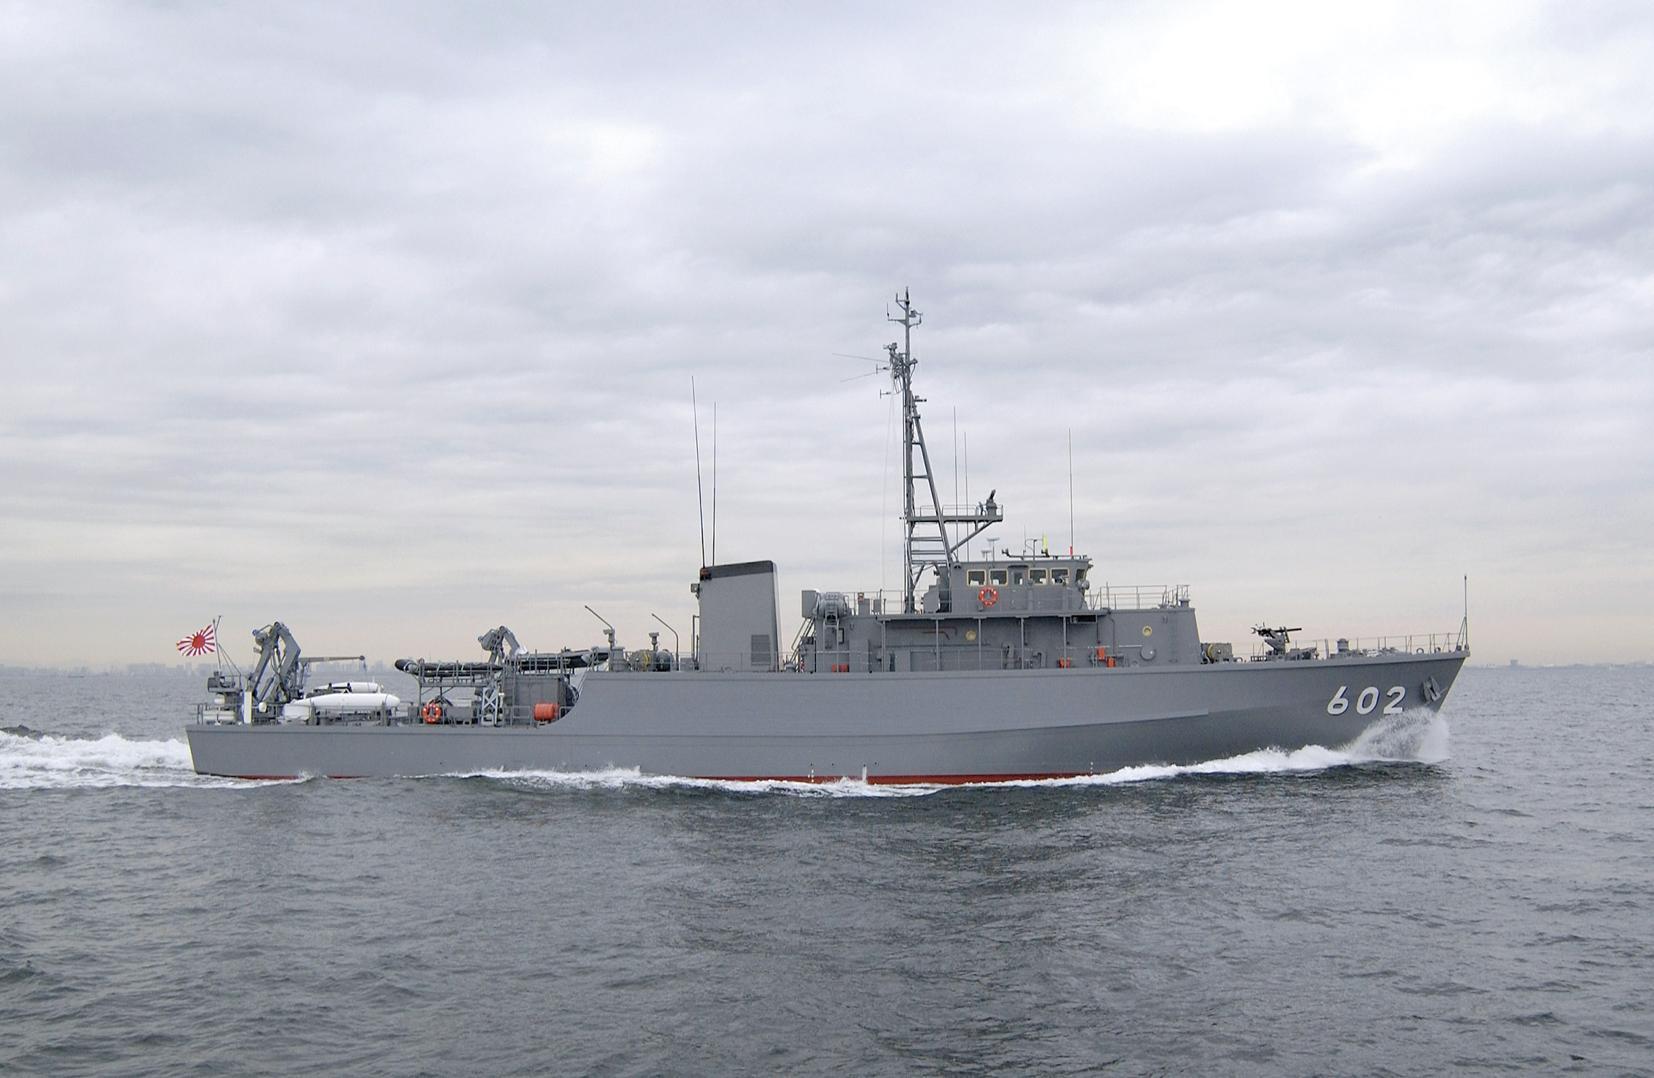 海上自衛隊 掃海艇やくしま-1